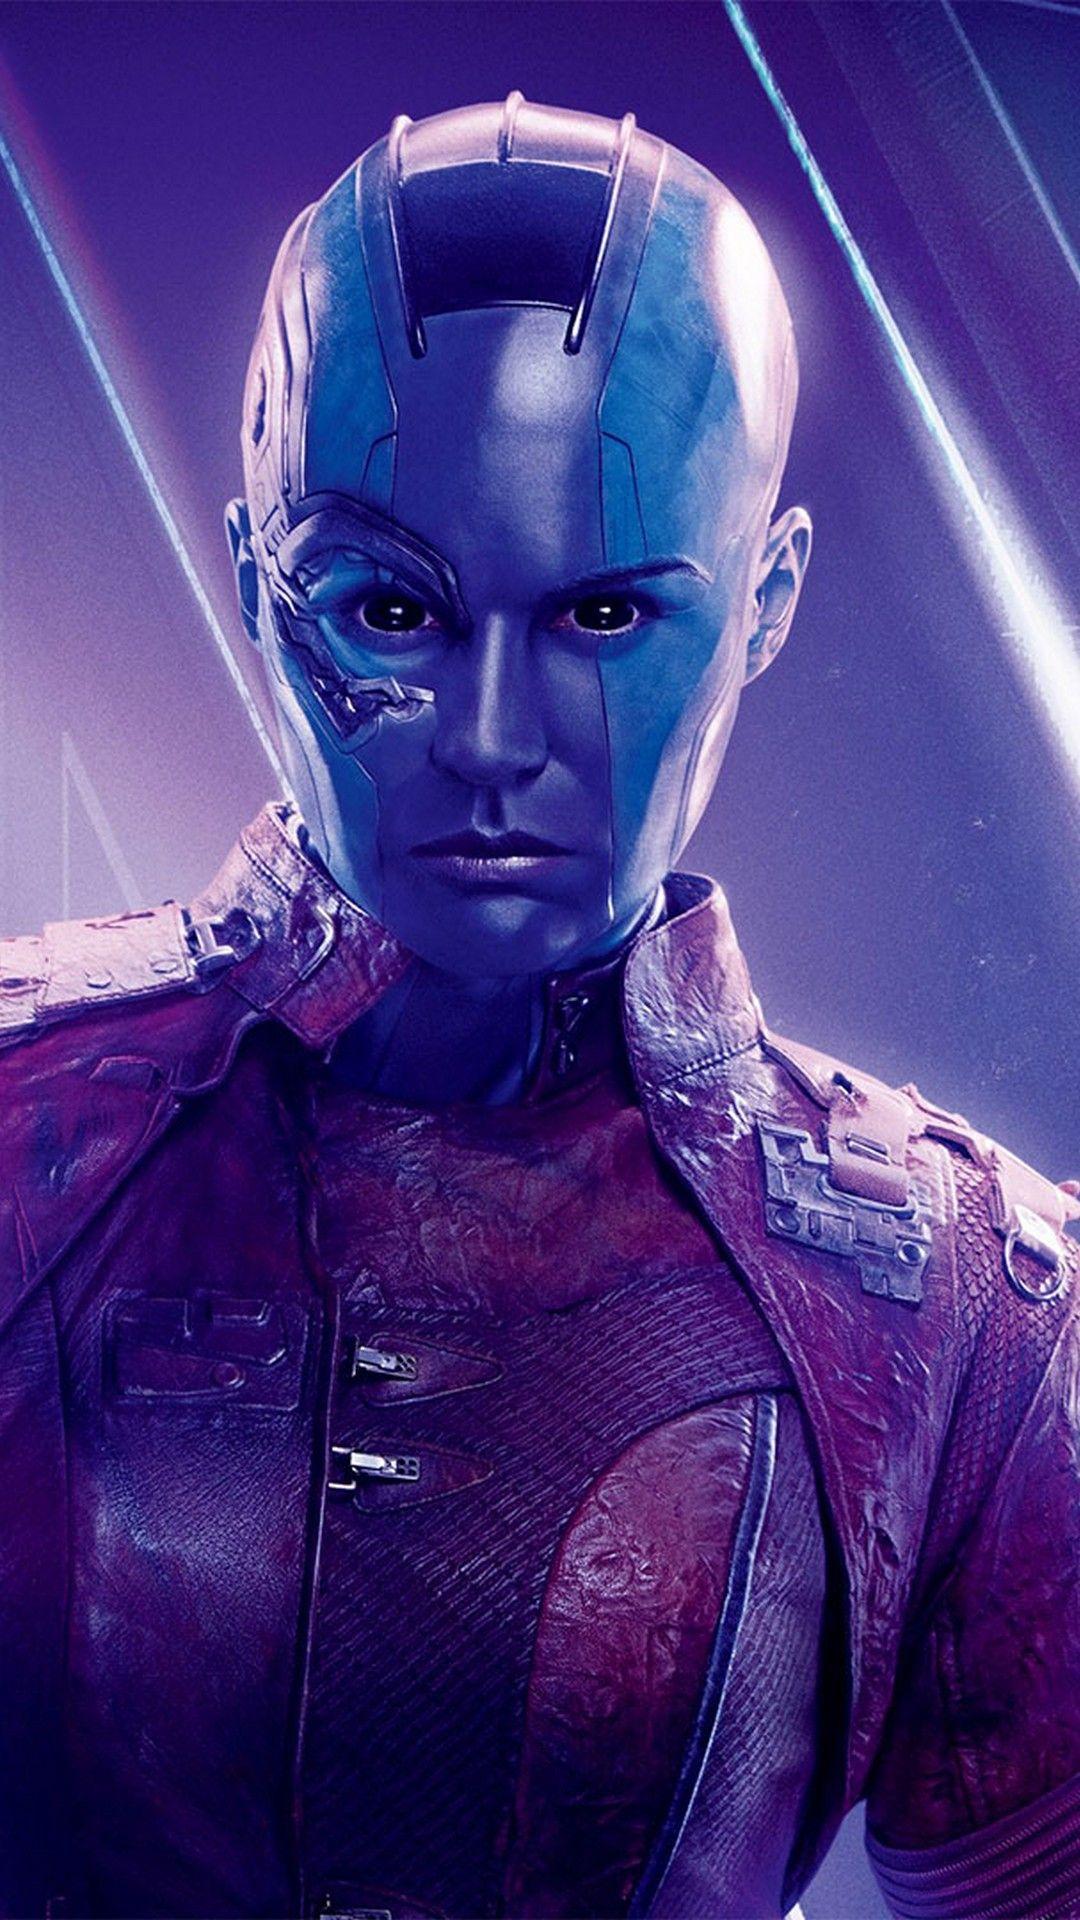 Nebula Avengers Endgame Iphone Wallpaper Marvel Movie Posters